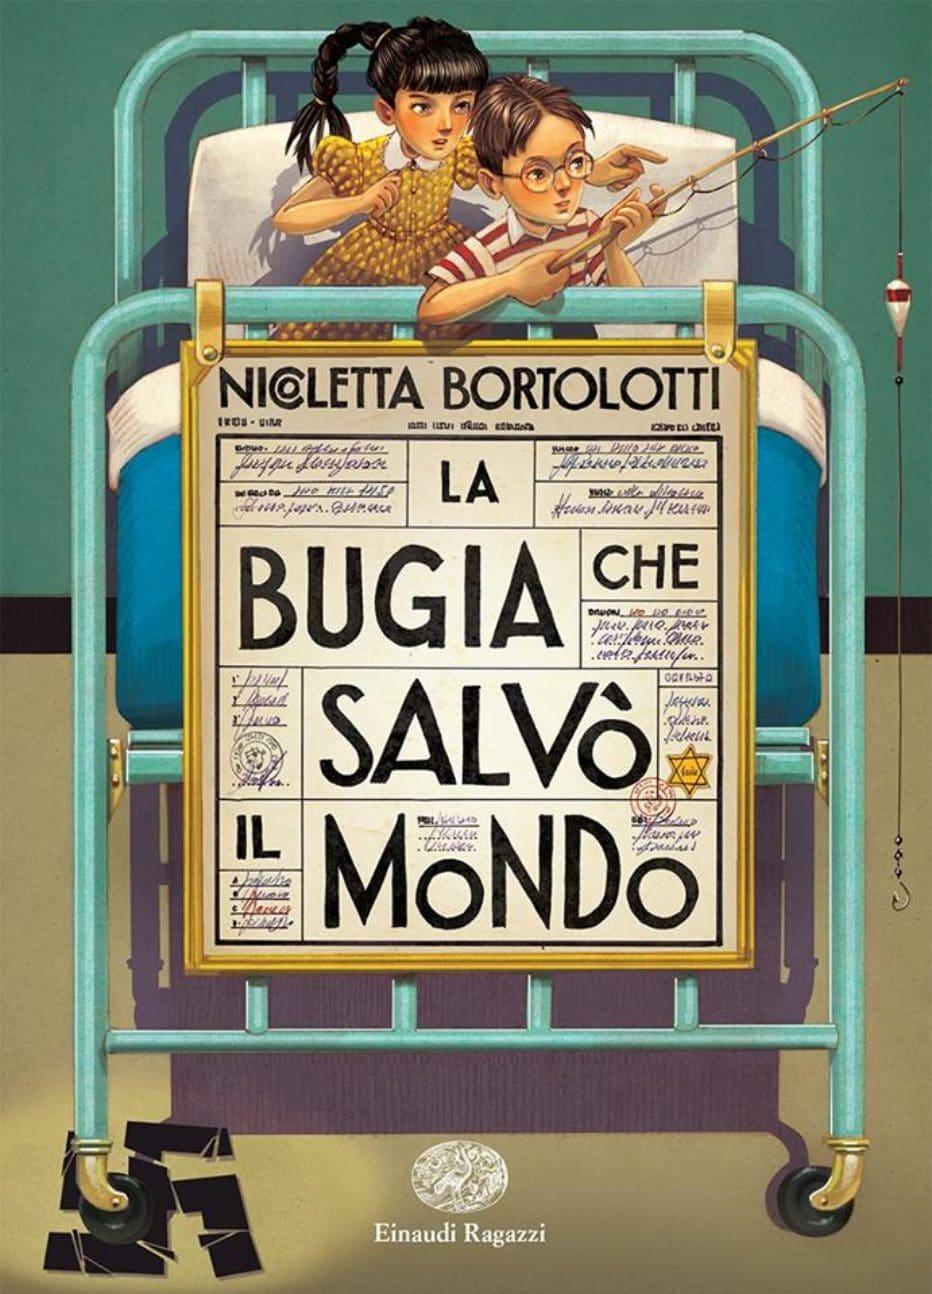 Intervista esclusiva a Nicoletta Bortolotti